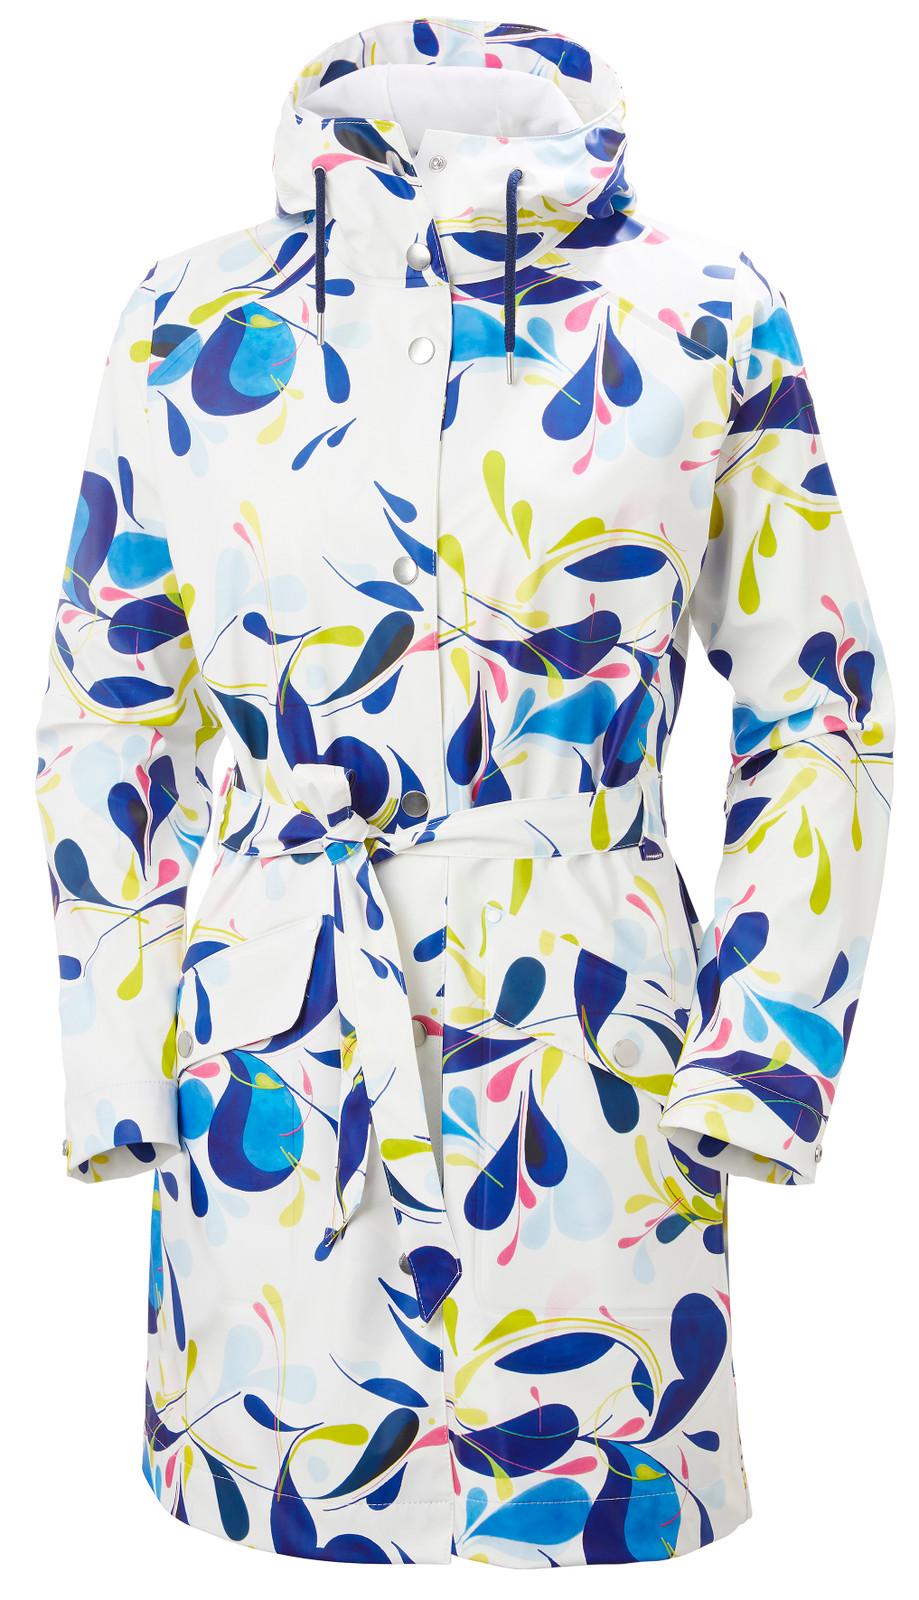 Helly Hansen Kirkwall II Jacket, Women's - Sling White Print, 53252-049